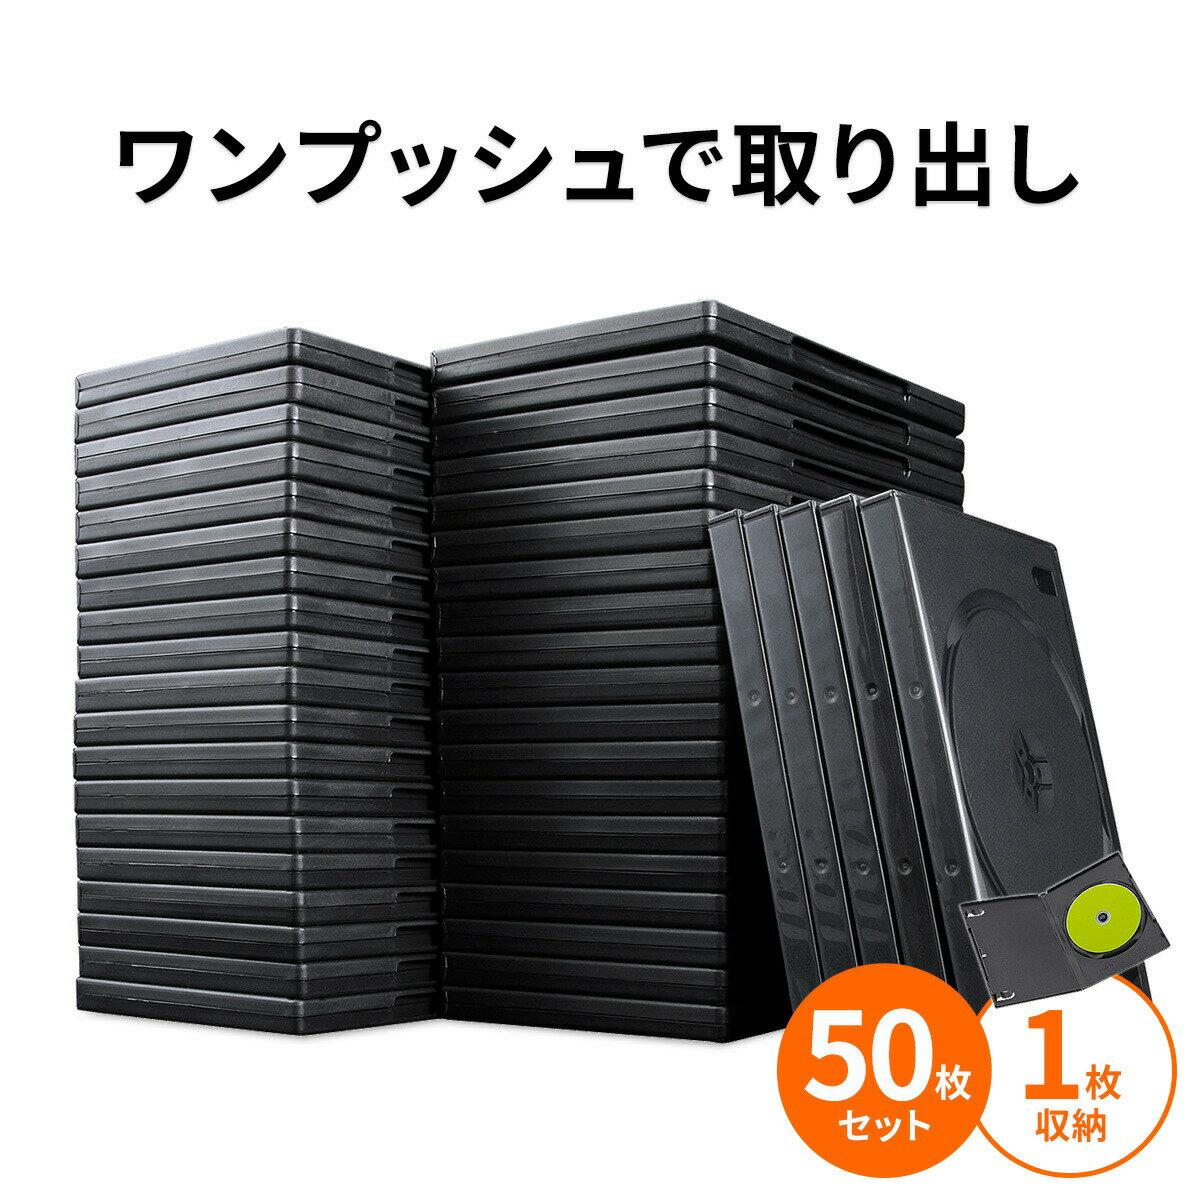 DVDケース トールケース 1枚収納×50枚セット 収納ケース メディアケース [200-FCD032-50]【サンワダイレクト限定品】